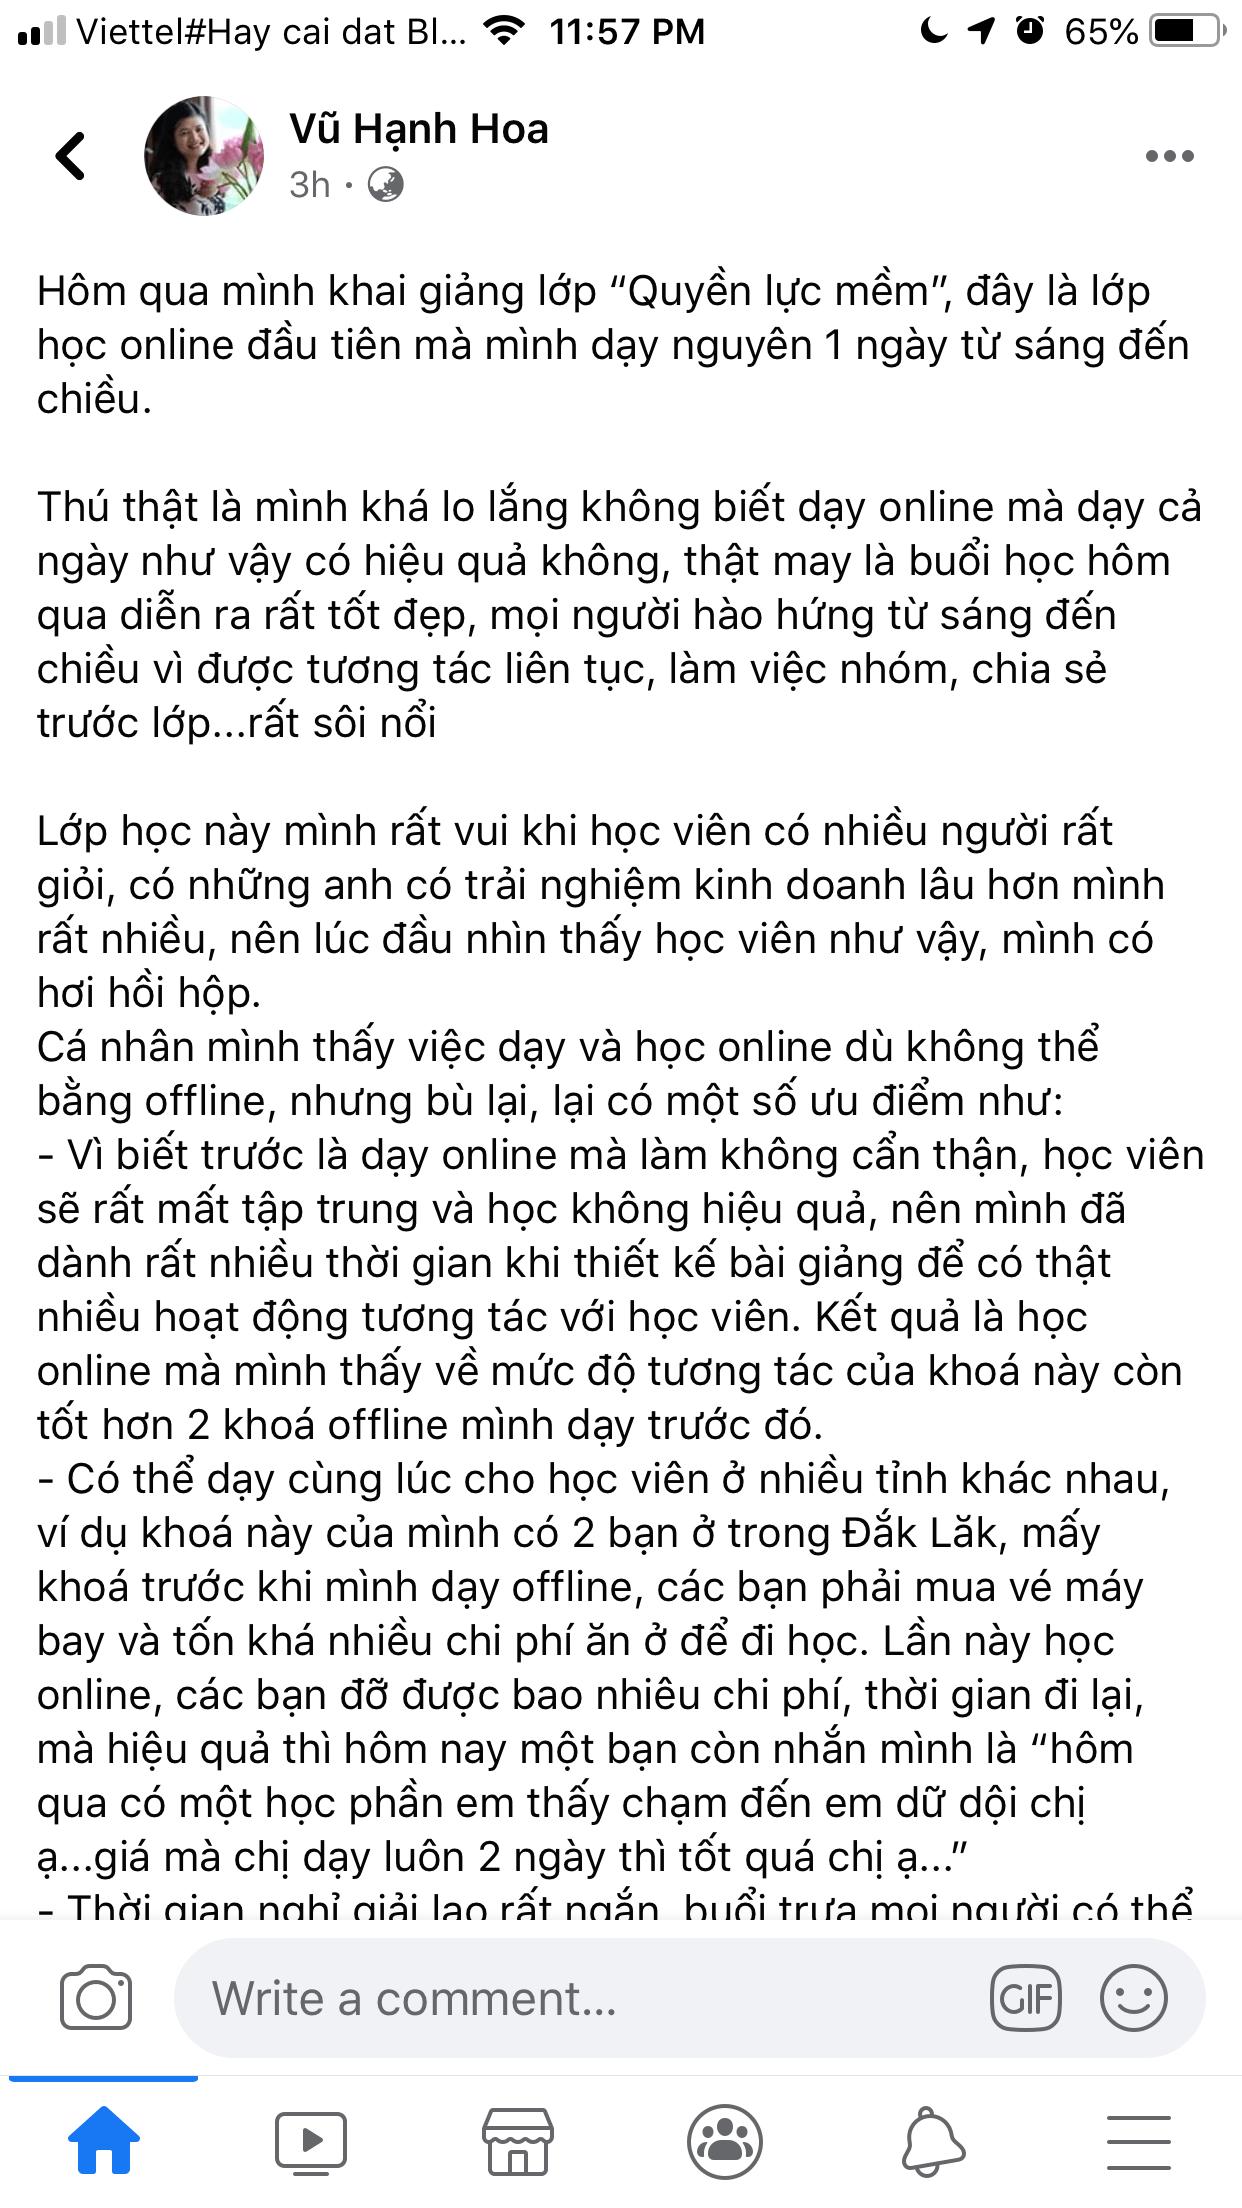 """Bài viết được đăng trên facebook cá nhân của giảng viên Vũ Hạnh Hoa HRP Vietnam. Lớp học """"Quyền lực mềm"""" - Vũ Hạnh Hoa HRP được tổ chức qua Zoom"""